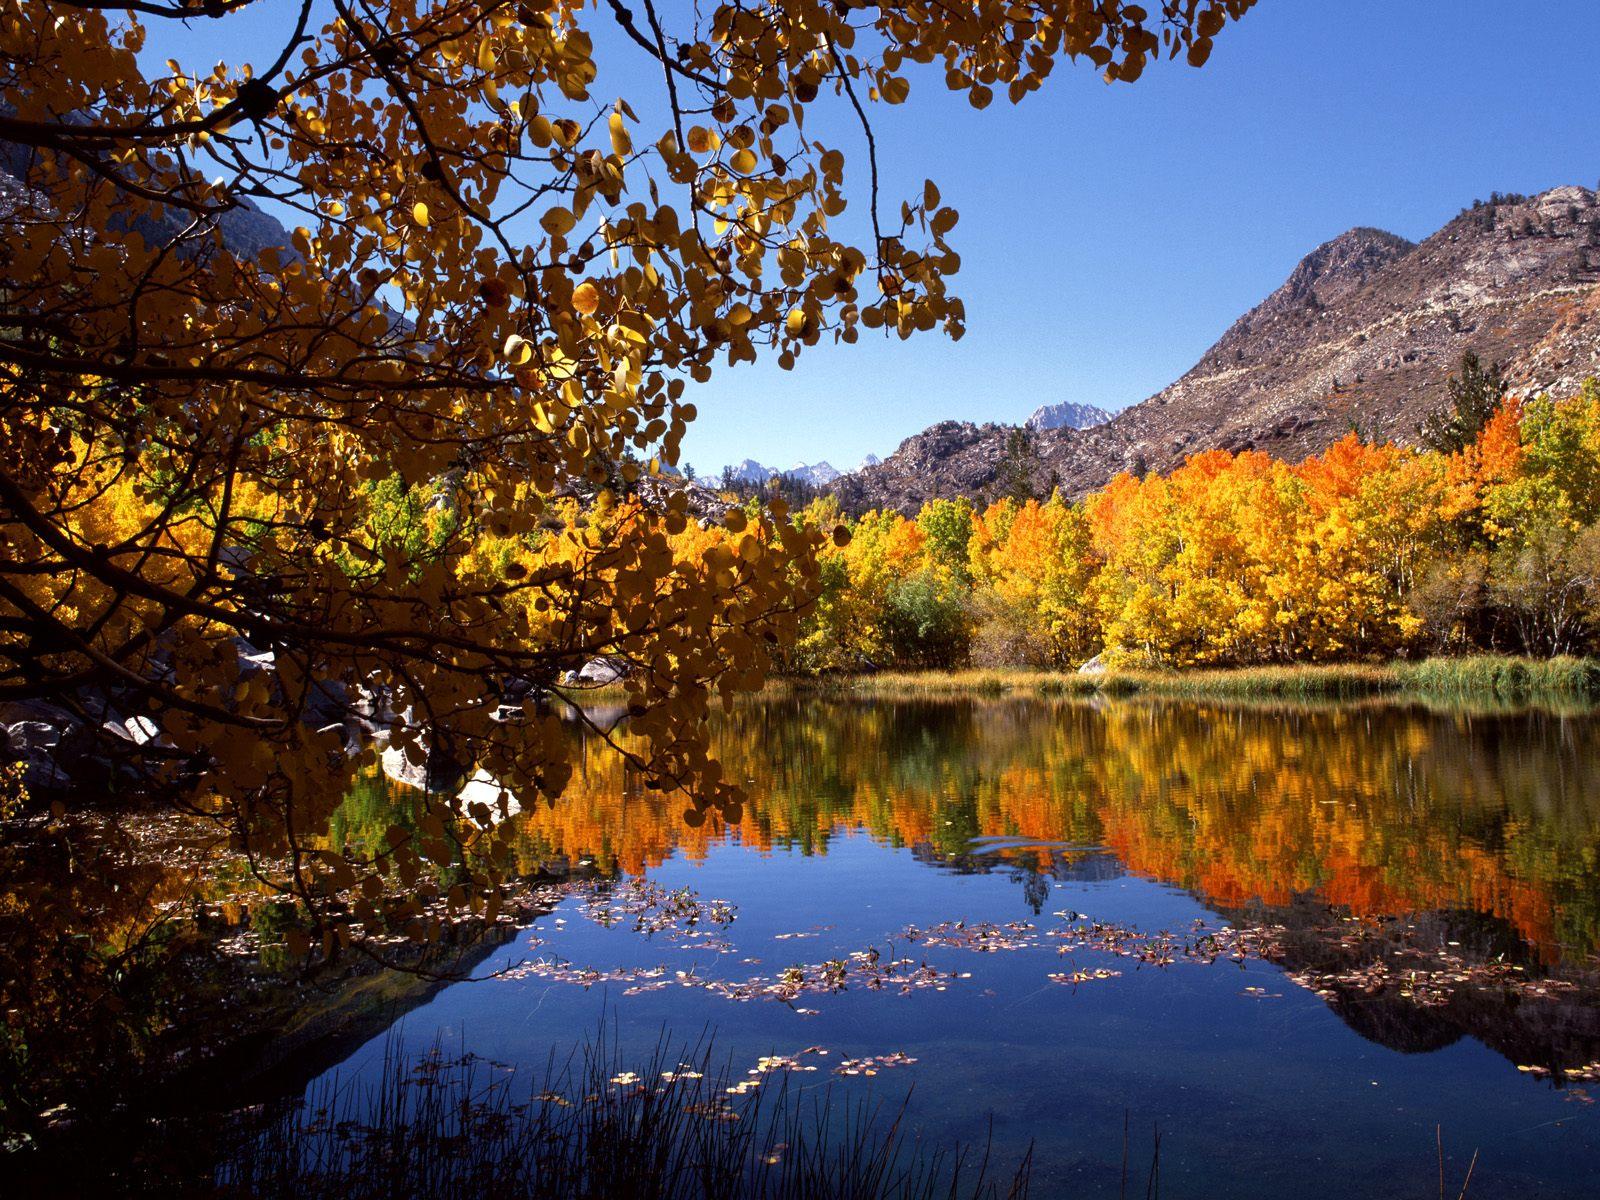 Hd masaüstü manzara resimleri en güzel hd manzara resimleri 30 tane